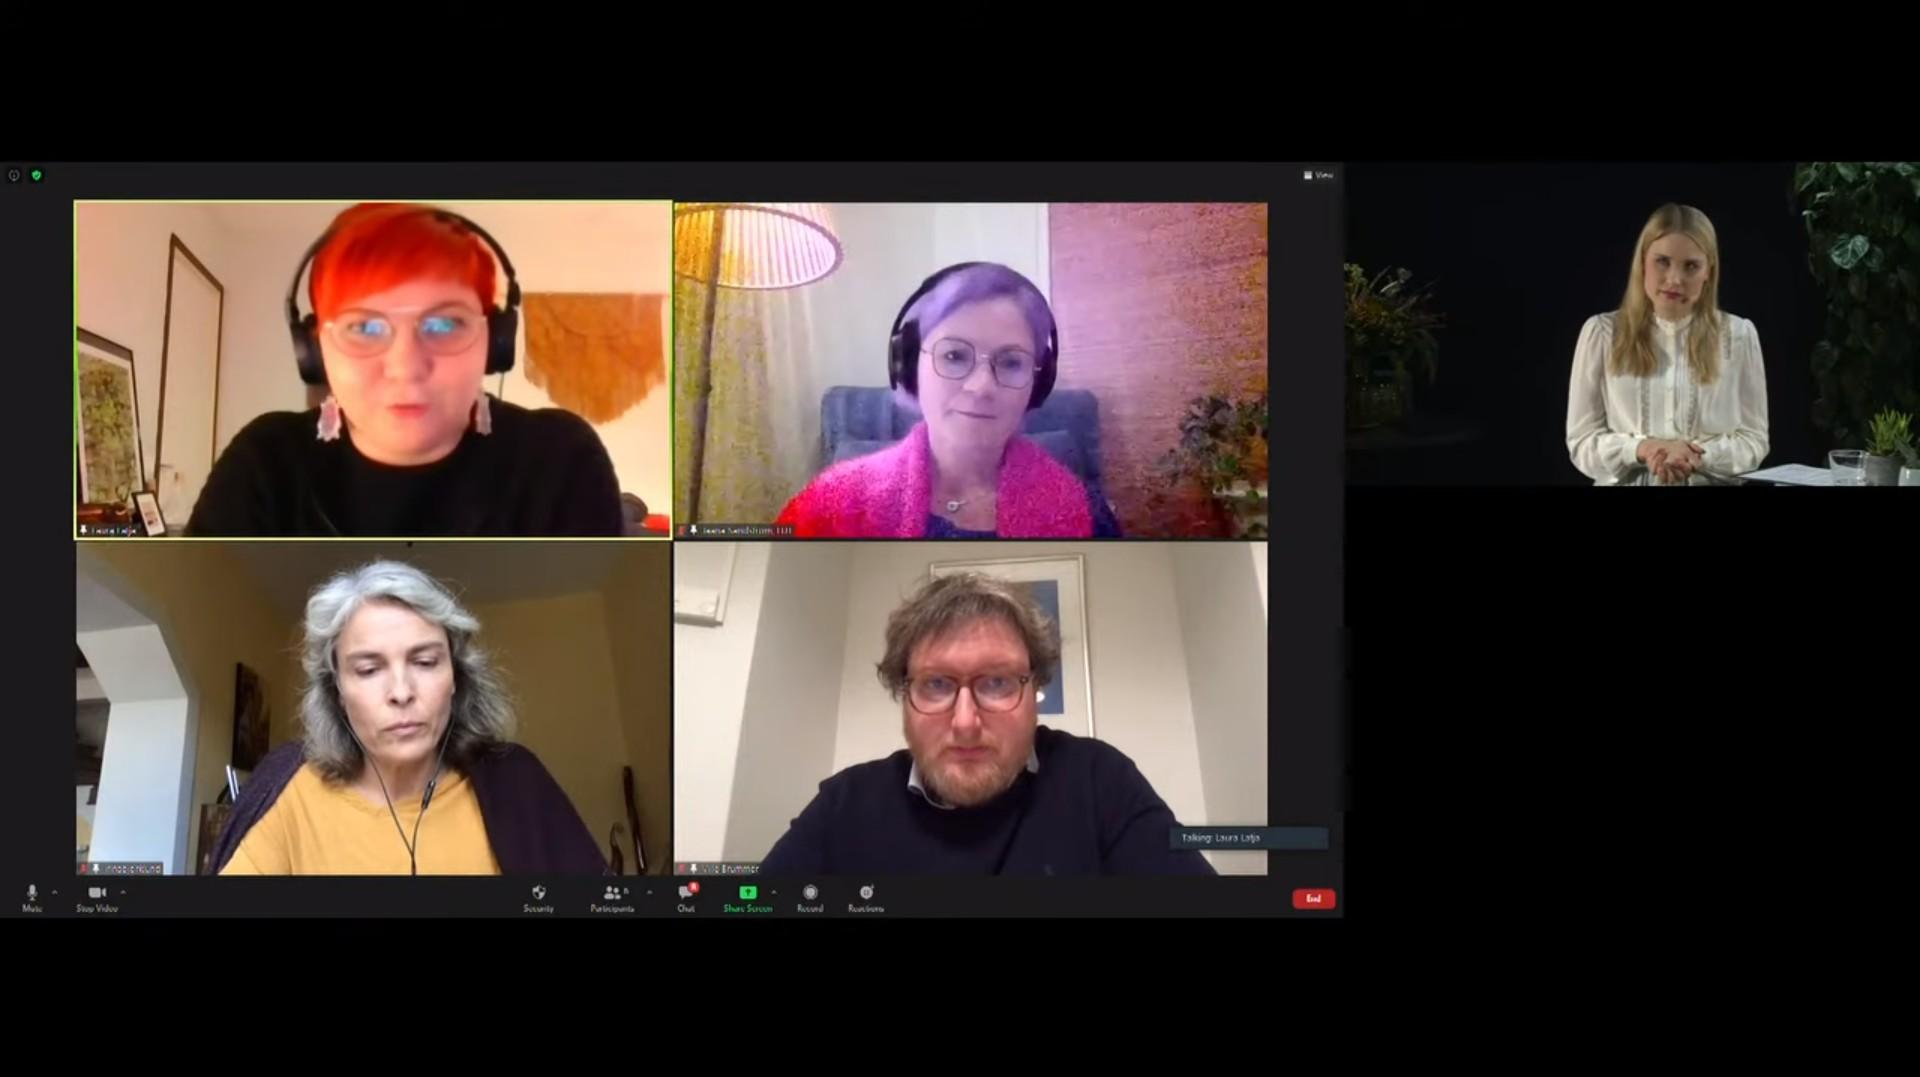 Webinaarin panelistit Laura Latja, Jaana Sandström, Irina Björklund ja Ville Brummer keskustelun pyörteissä.